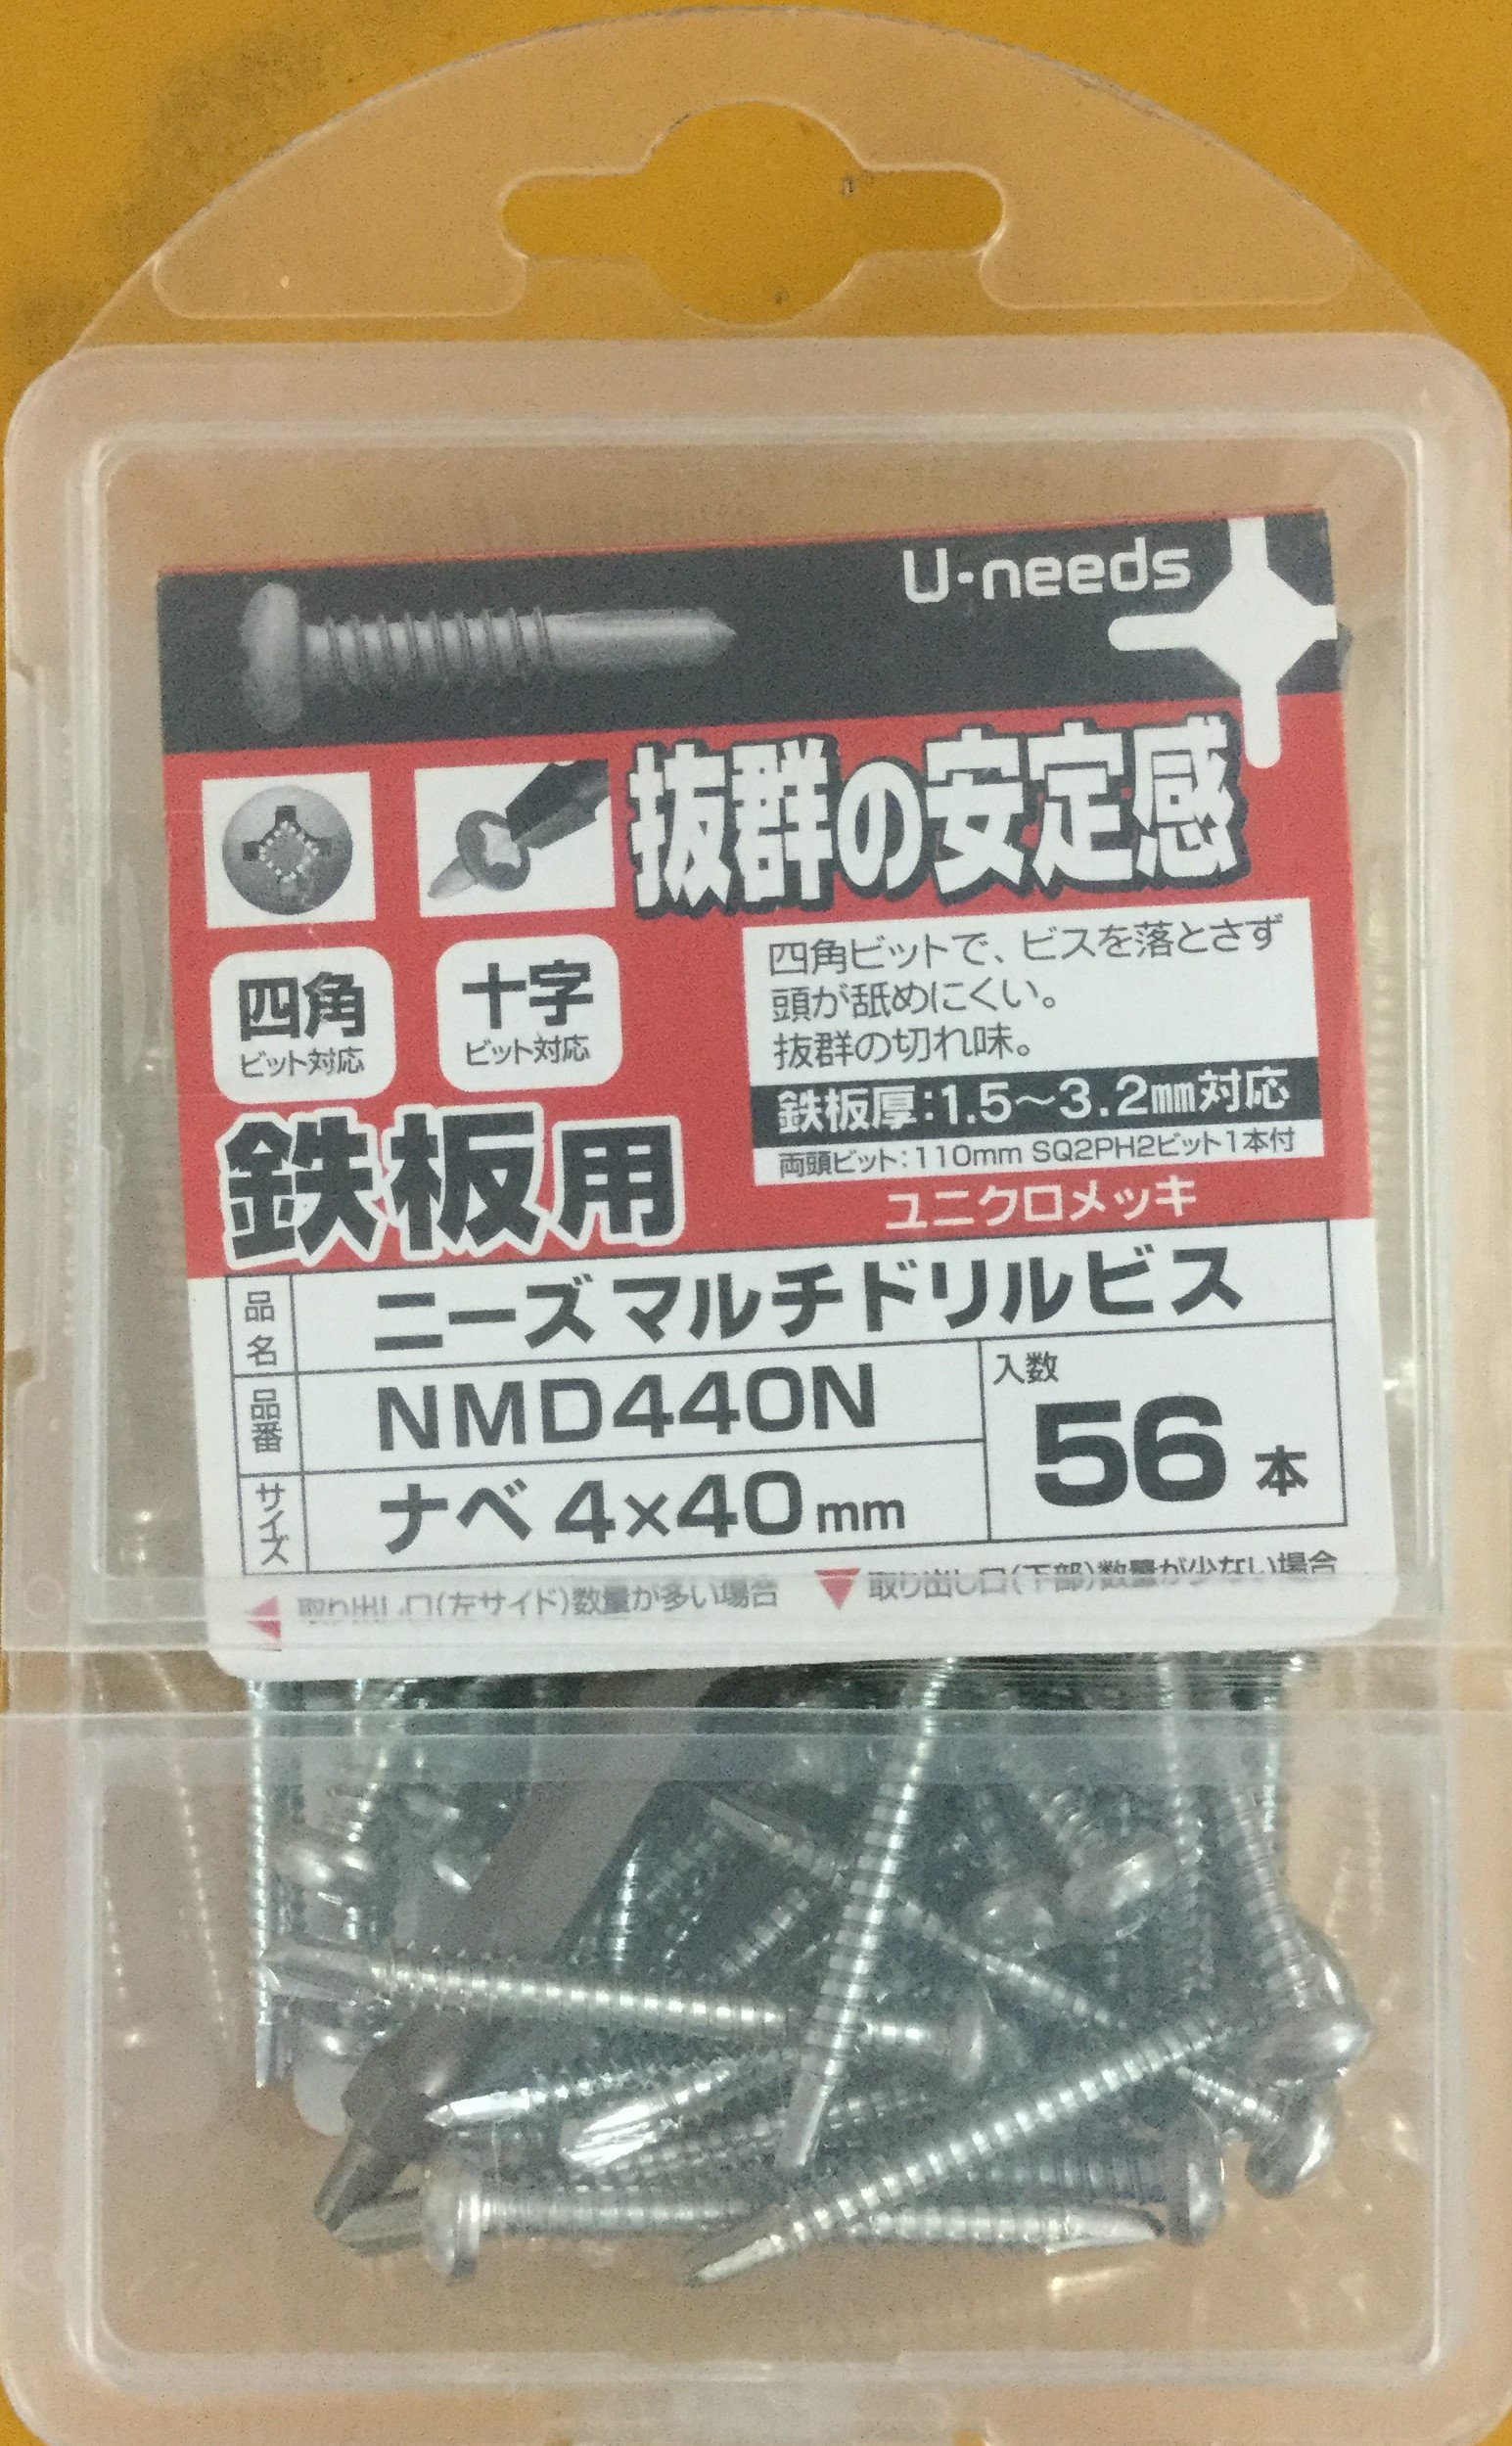 ☆最安値に挑戦 1.6mm~3.2mmまでの鉄板に 下穴なしで打ち込めるマルチドリルビス マルチドリルビスNMD440N プロ用 ニーズ2020 ユ 現金特価 鉄板ビス 高級